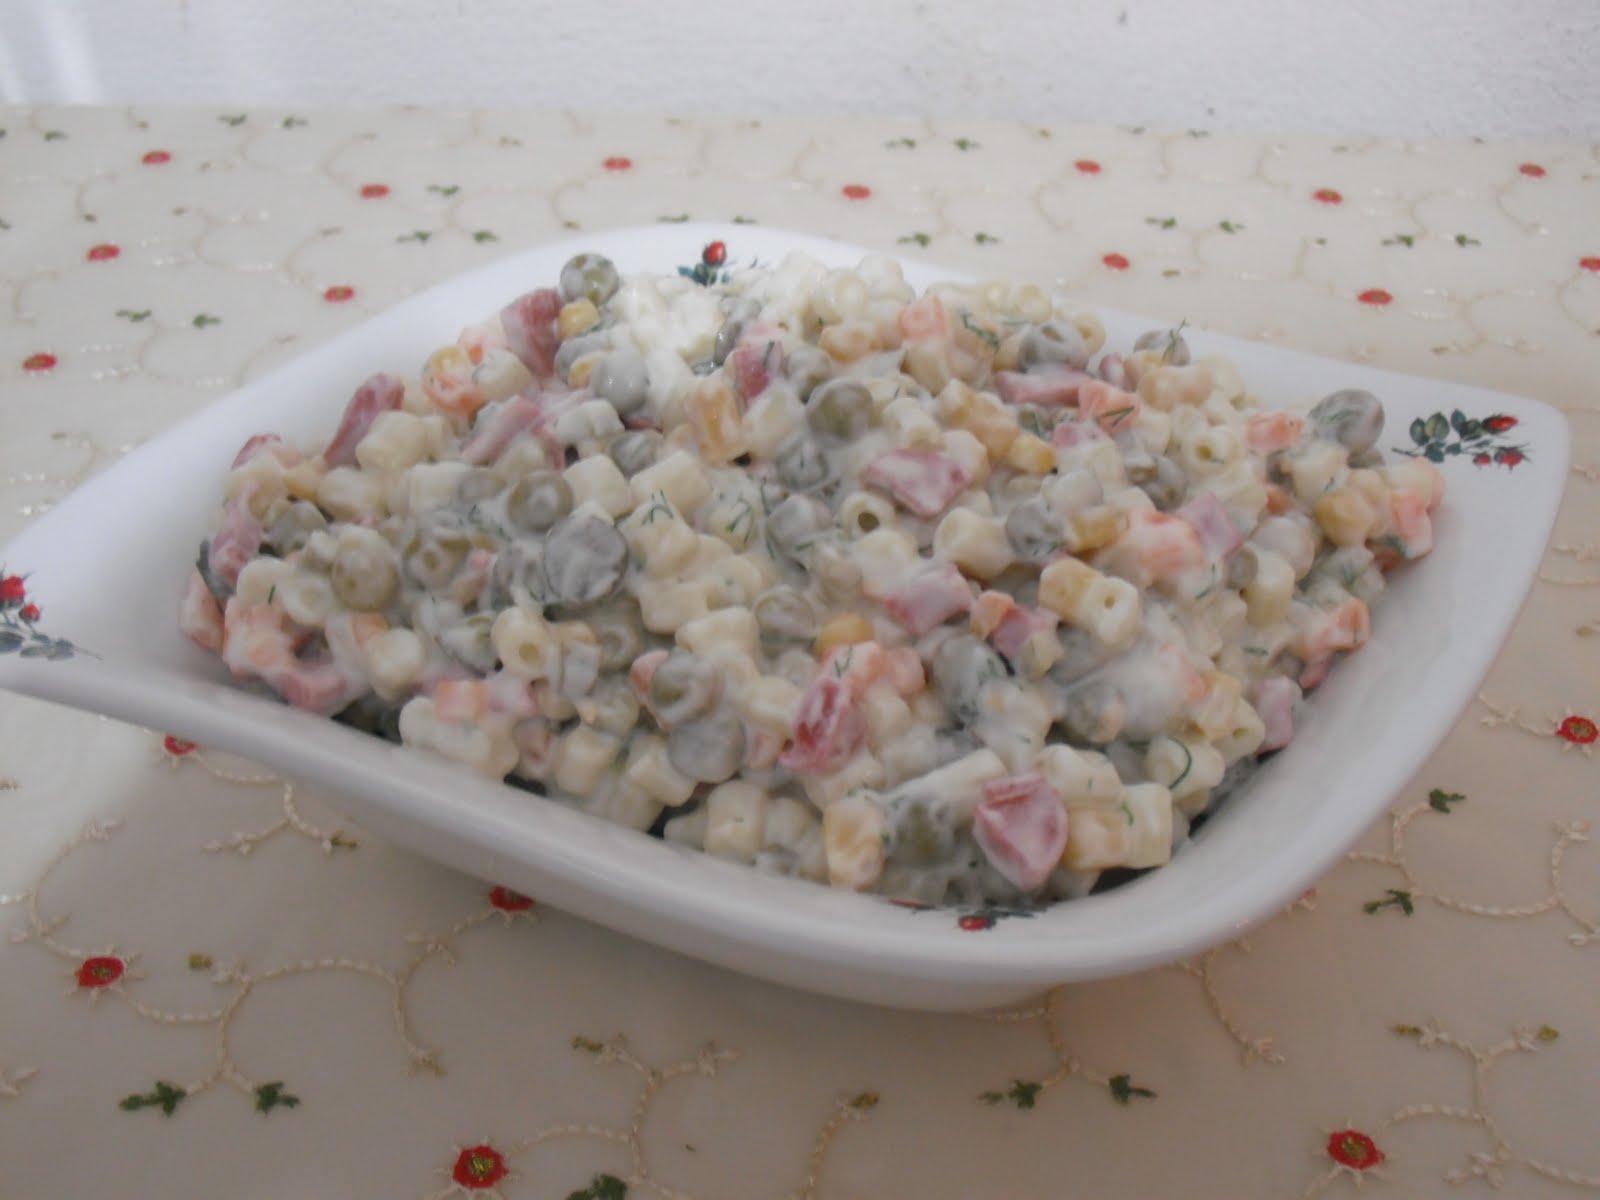 yemek: rus salatası 2 [39]